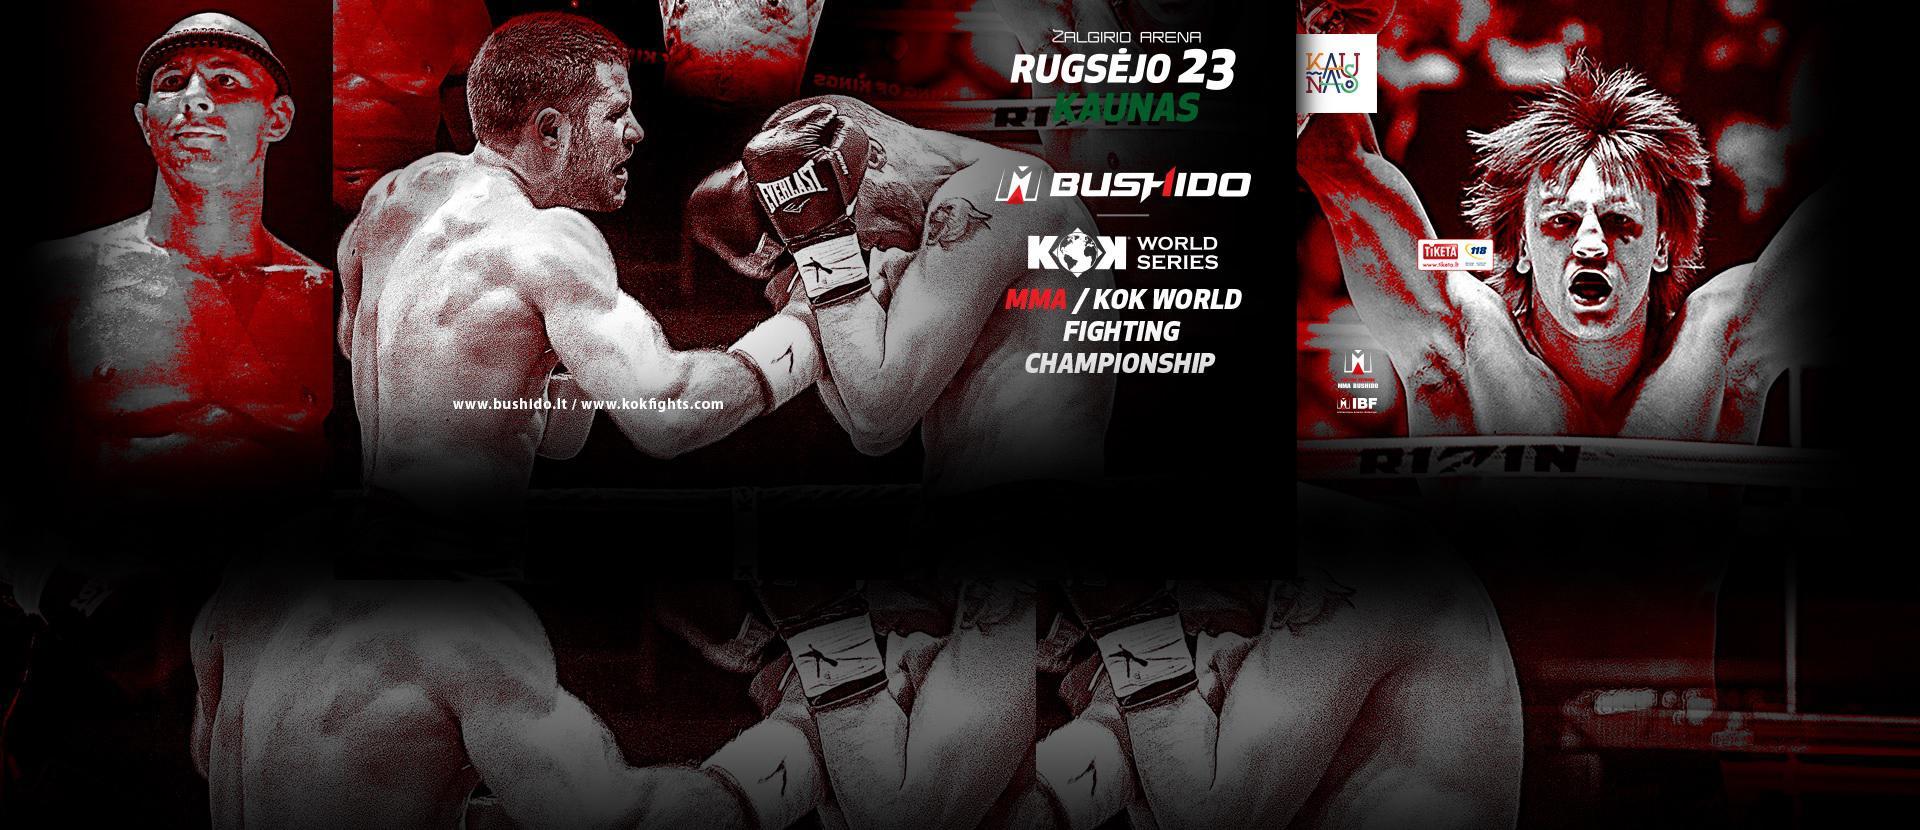 MMA BUSHIDO & KOK WORLD CHAMPIONSHIP IN KAUNAS